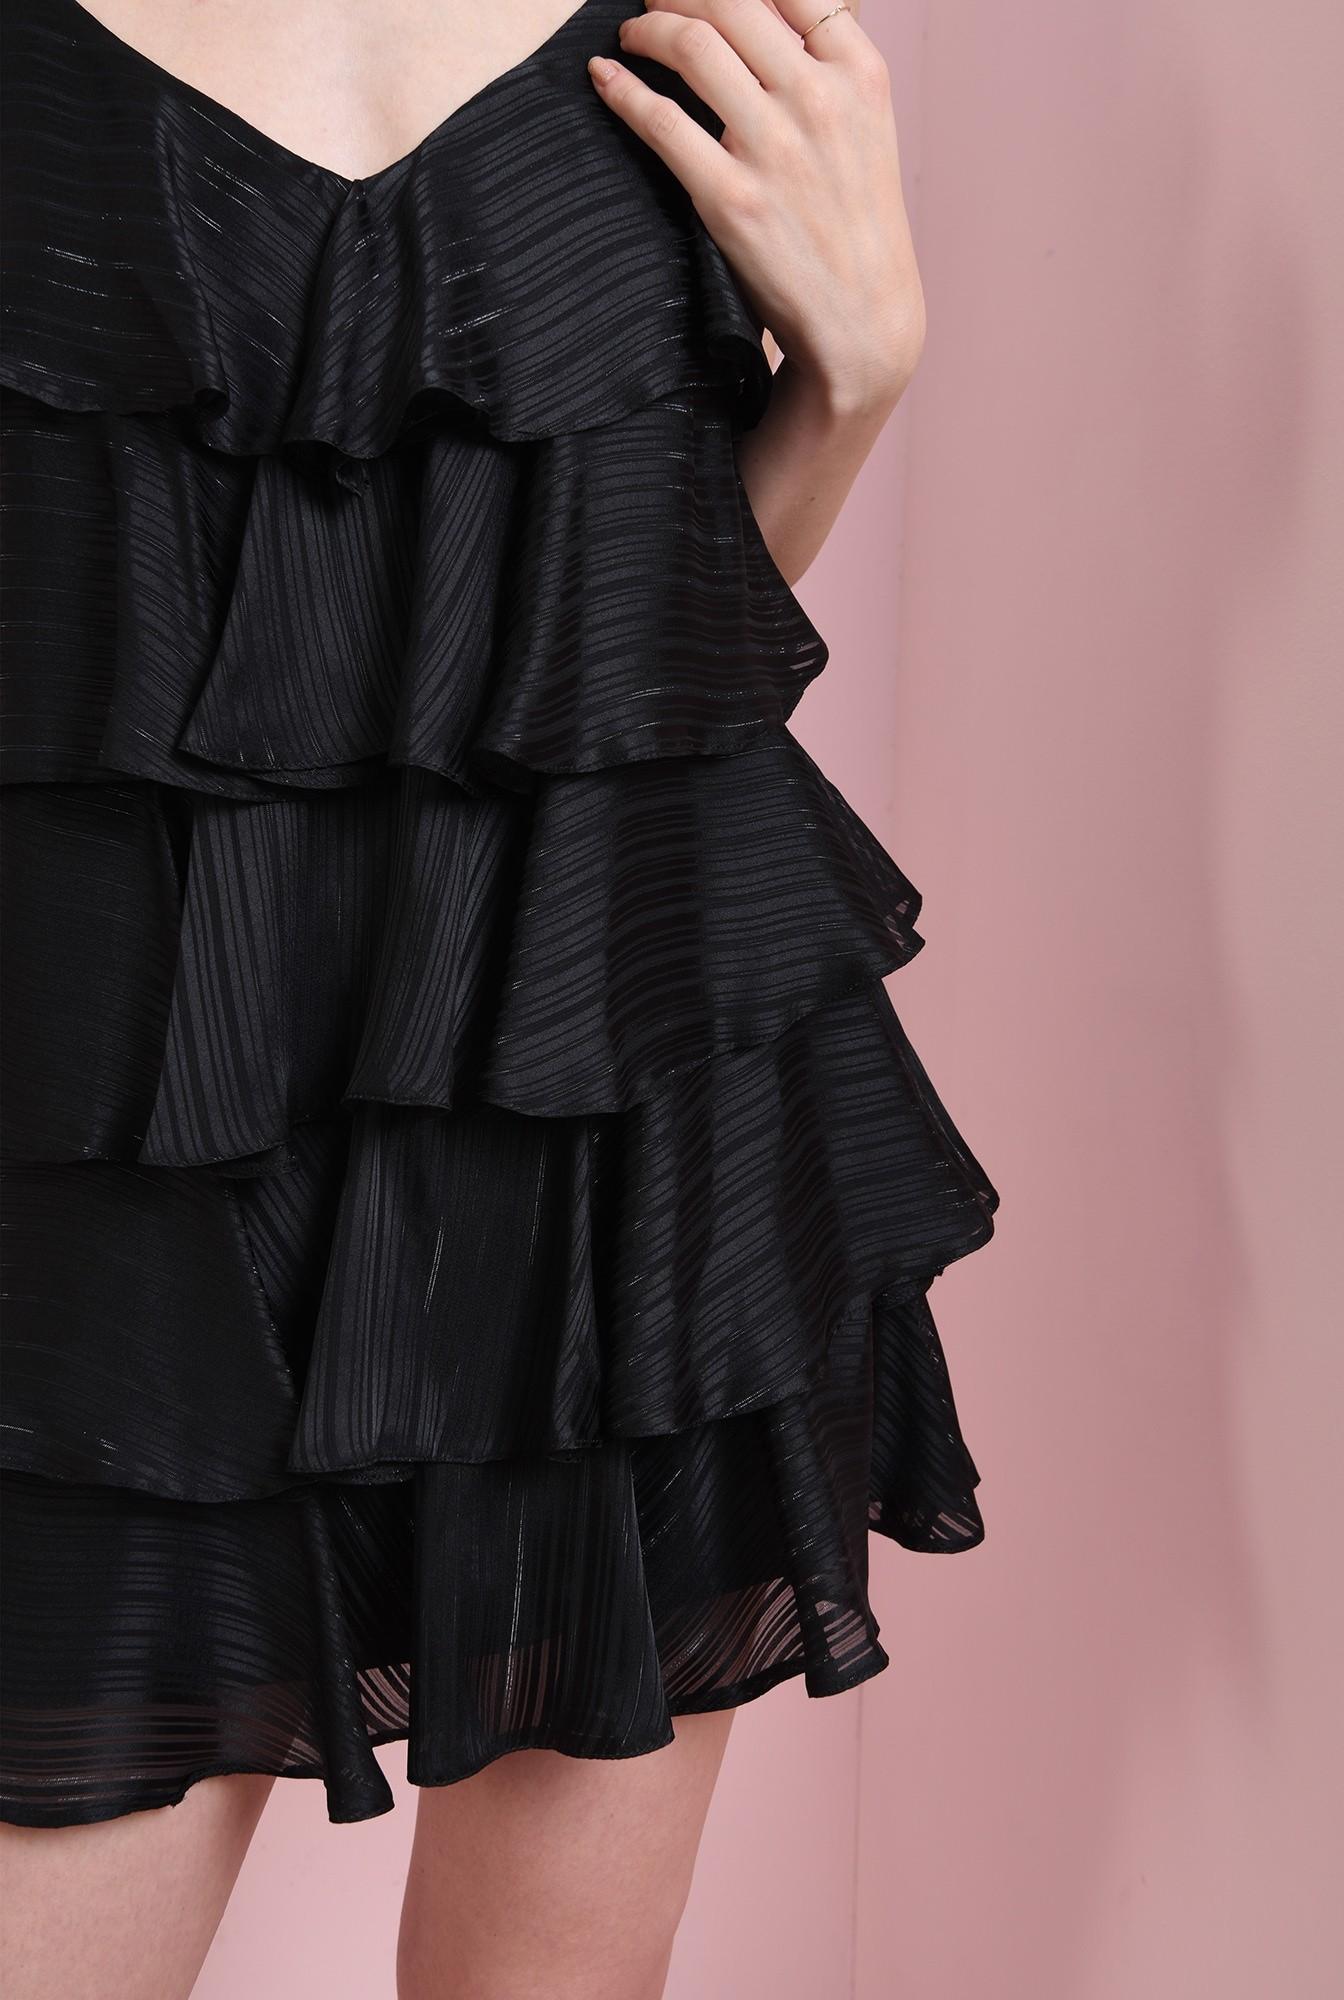 2 - rochie scurta, cu bretele subtiri